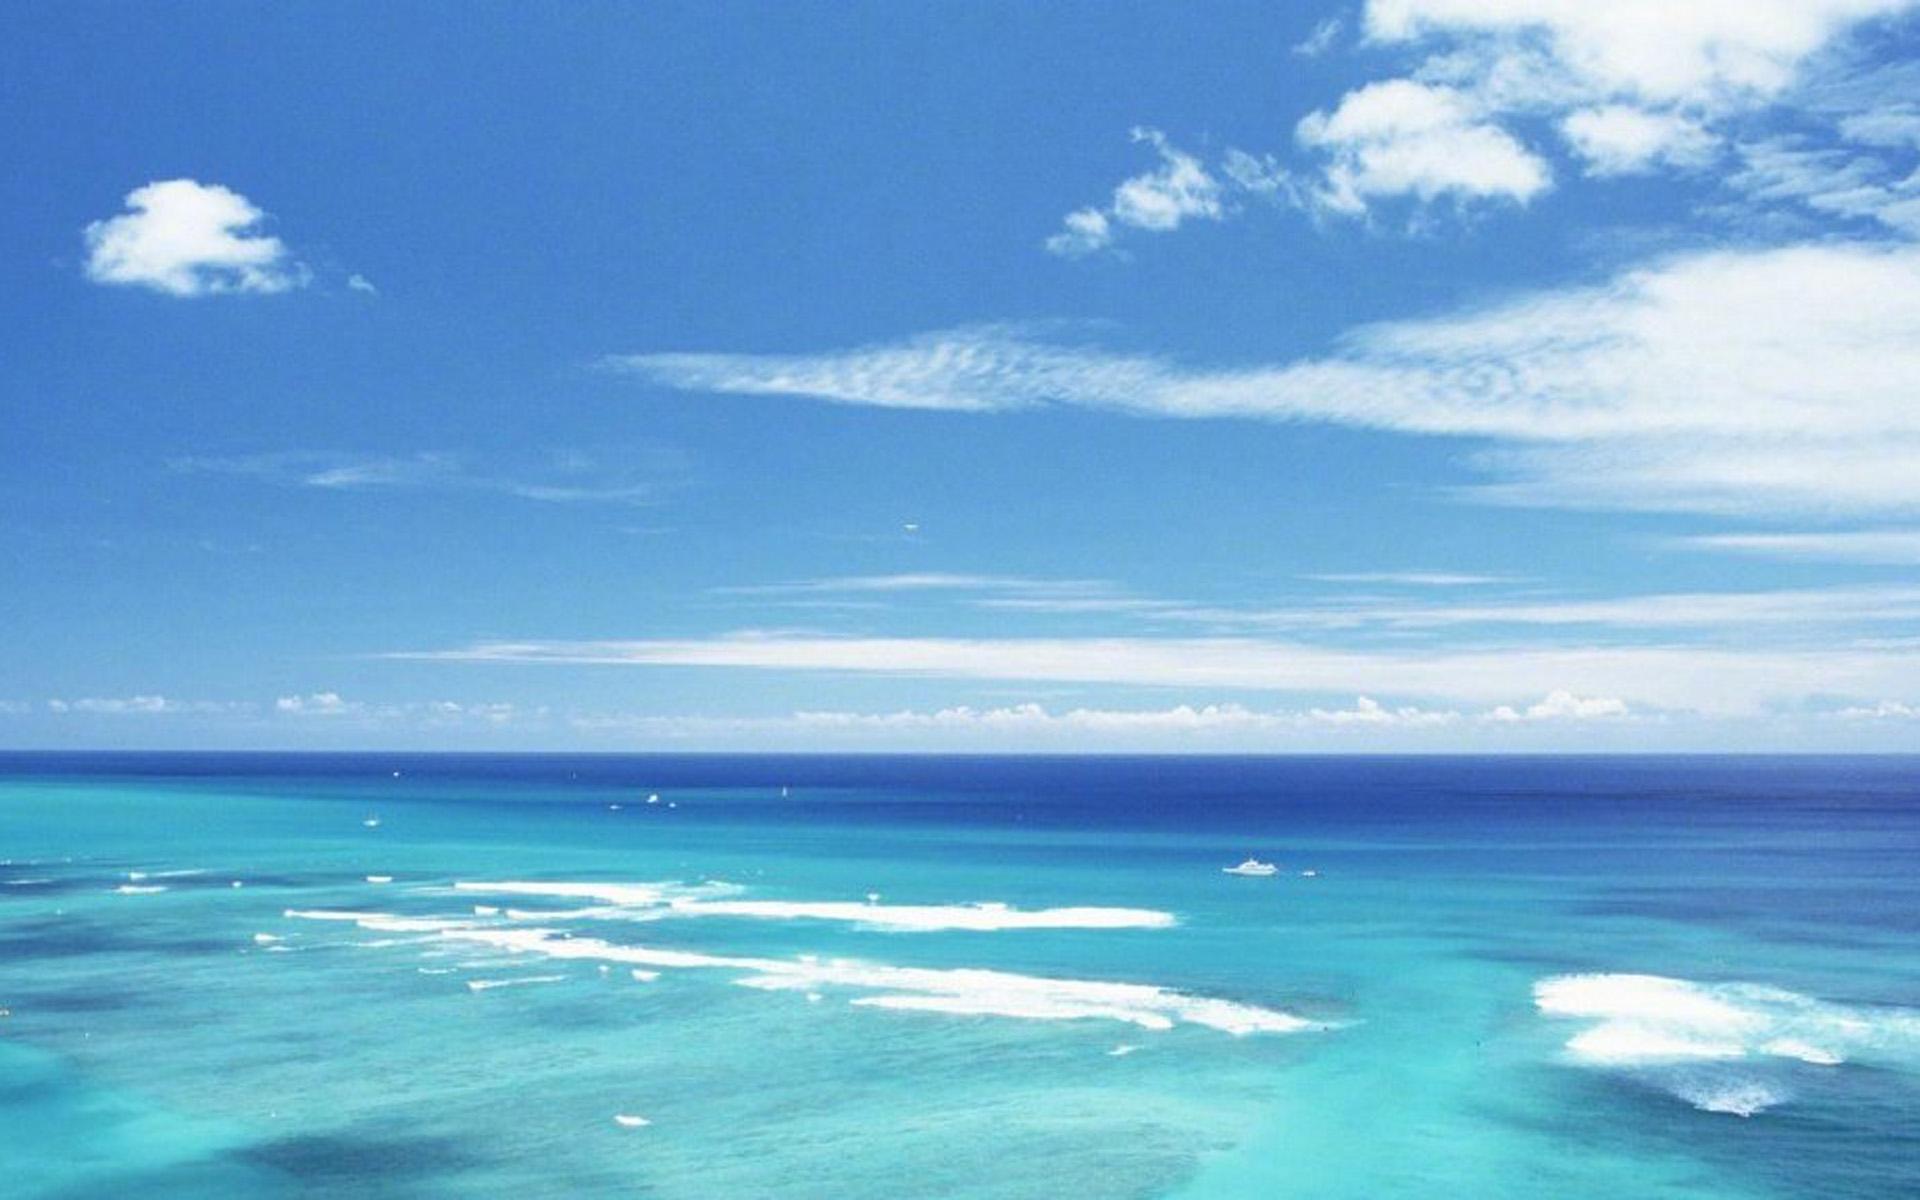 碧海蓝天唯美风景桌面壁纸下载